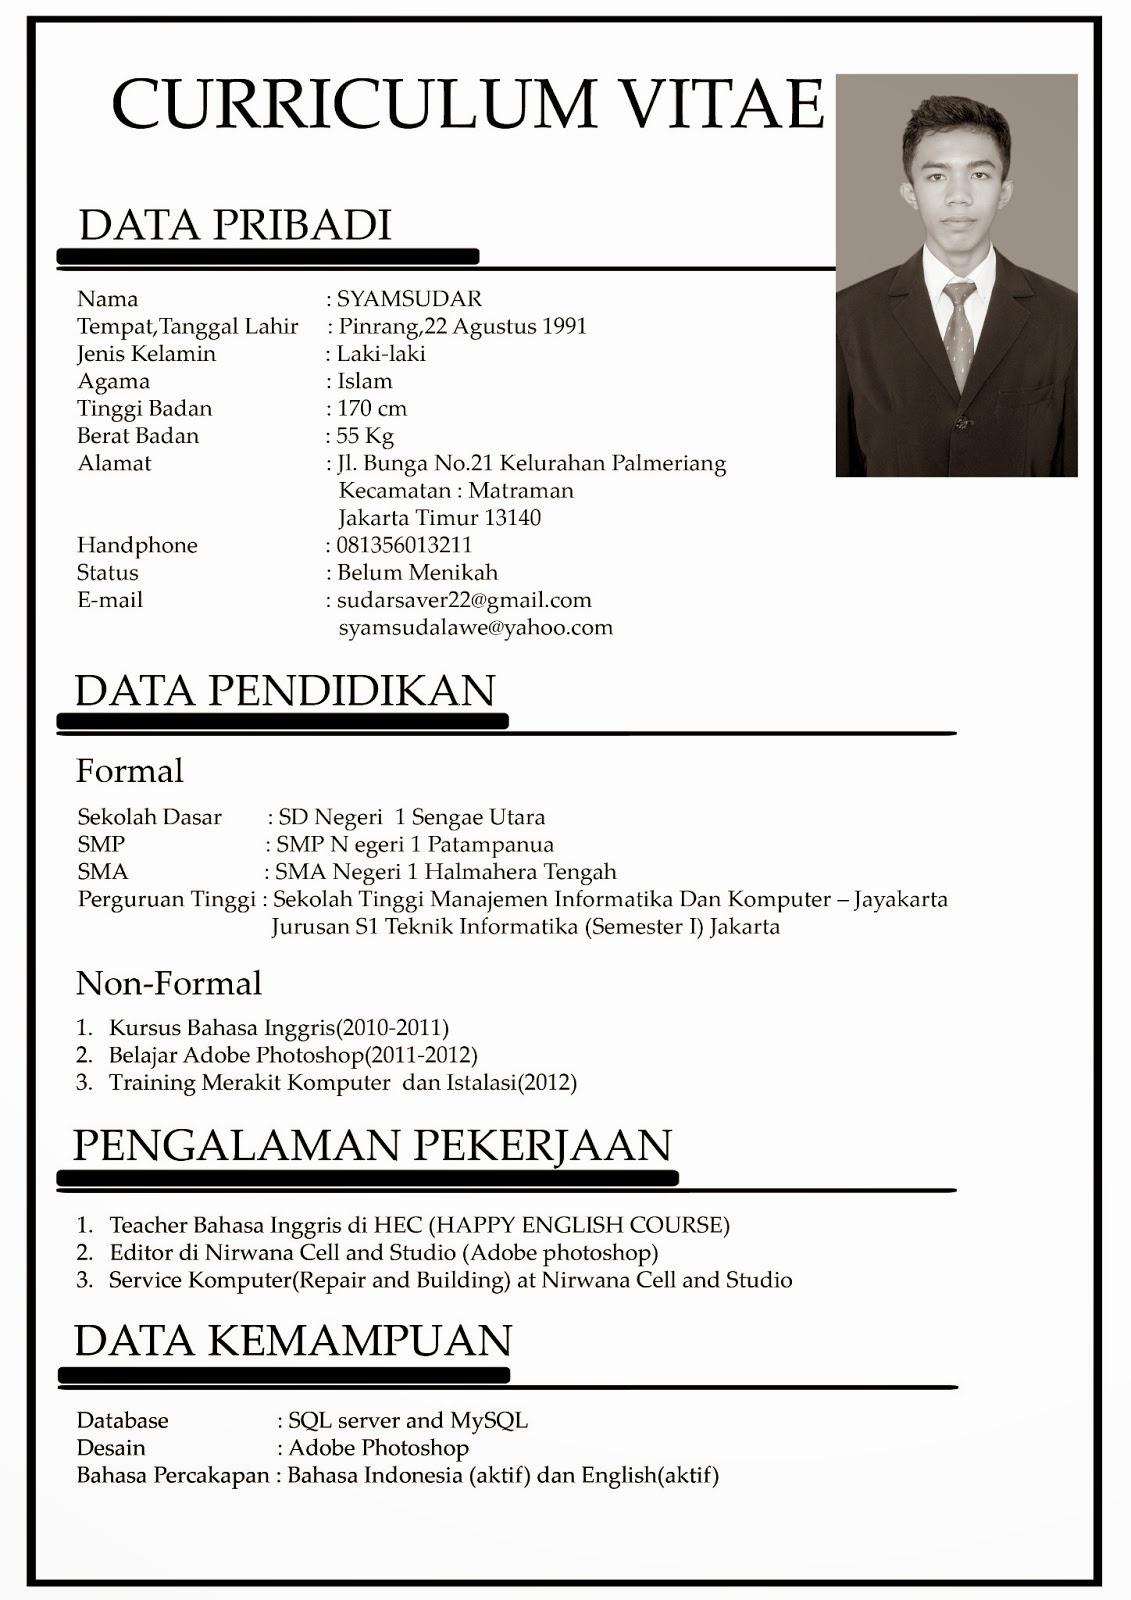 Contoh Cv Bahasa Indonesia Yang Baik Dan Benar Best Resume Examples